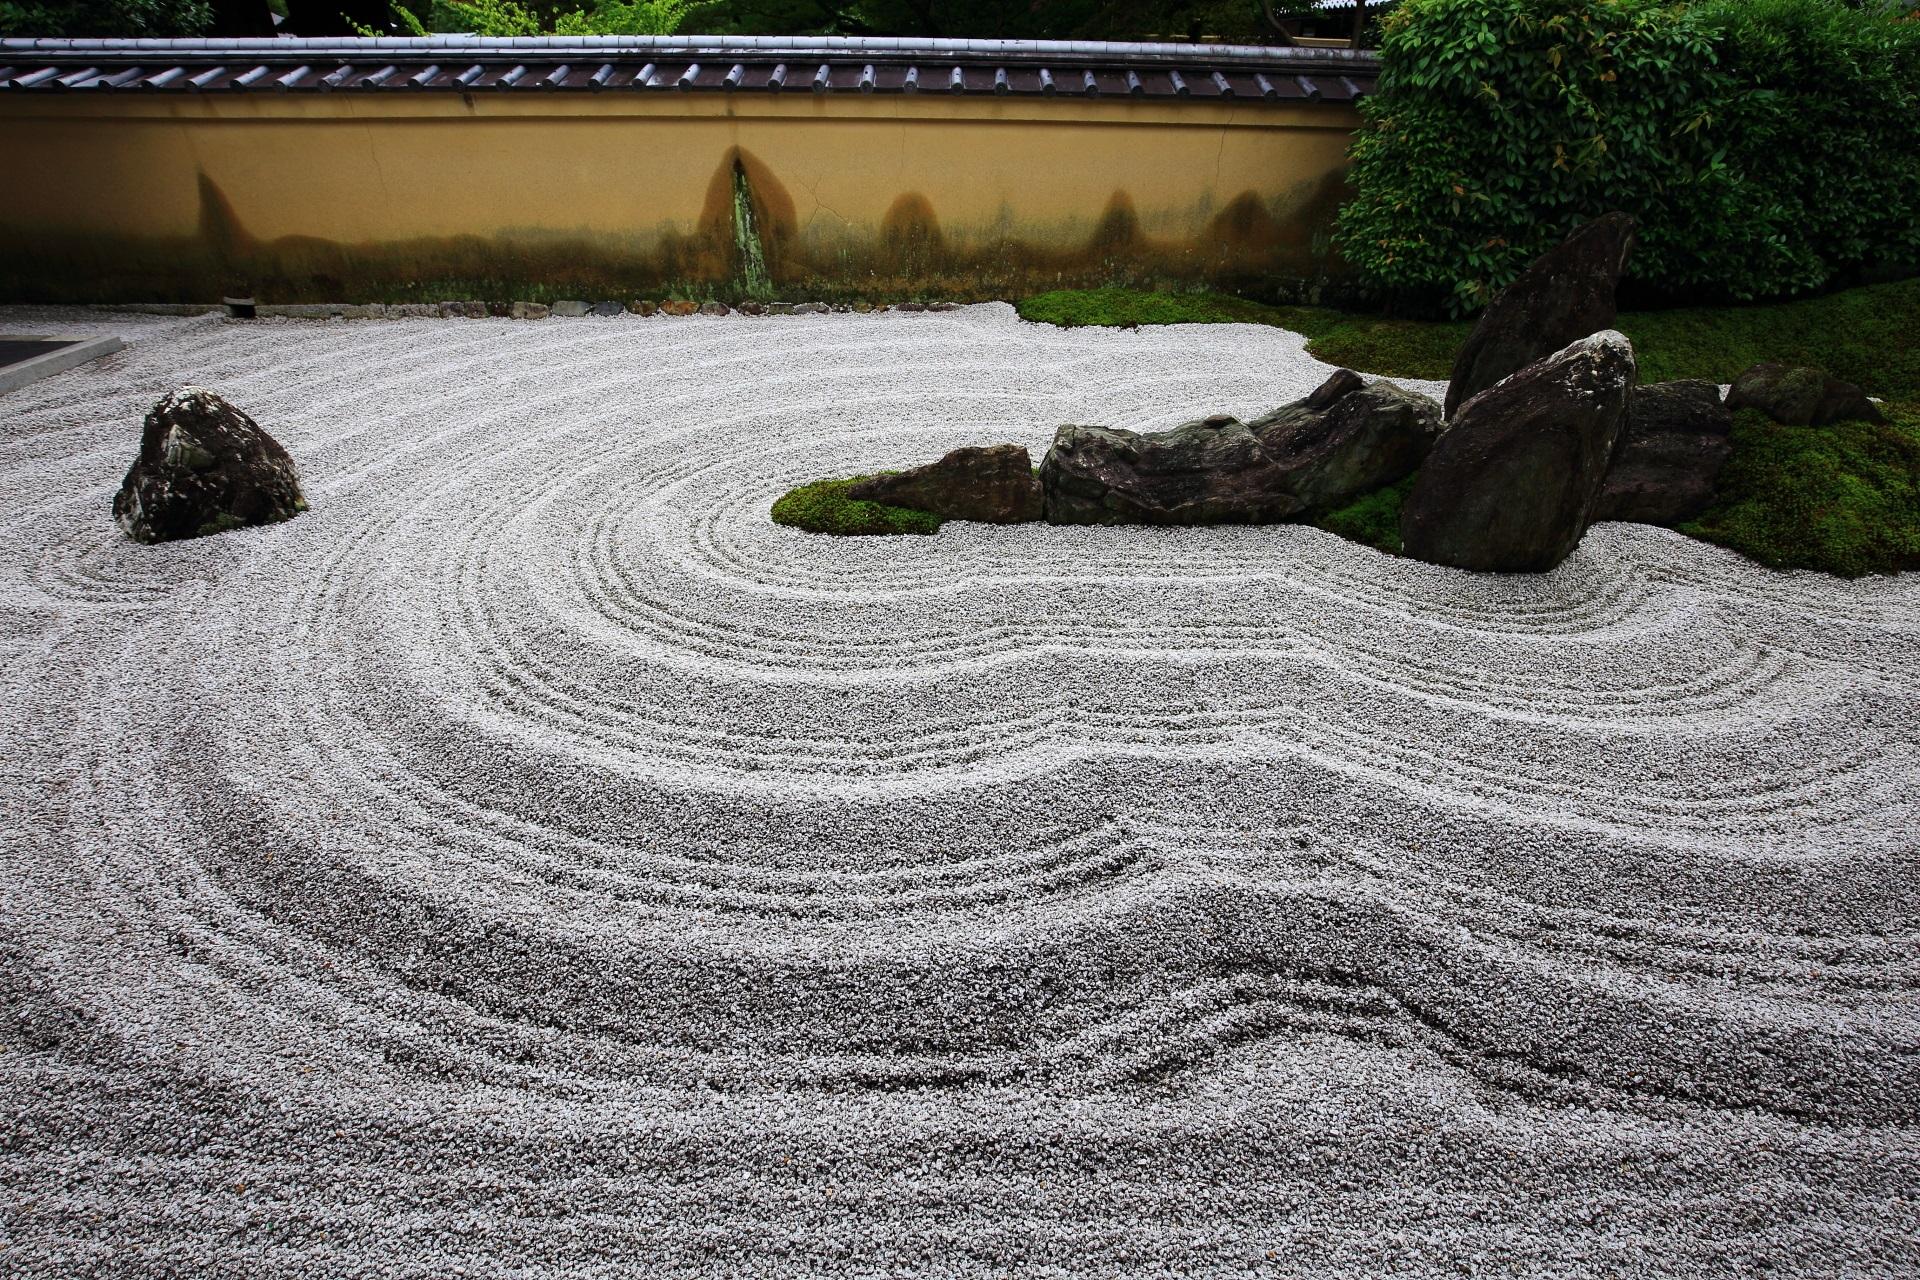 良く手入れされた瑞峯院の白砂の美しすぎる丸い波模様